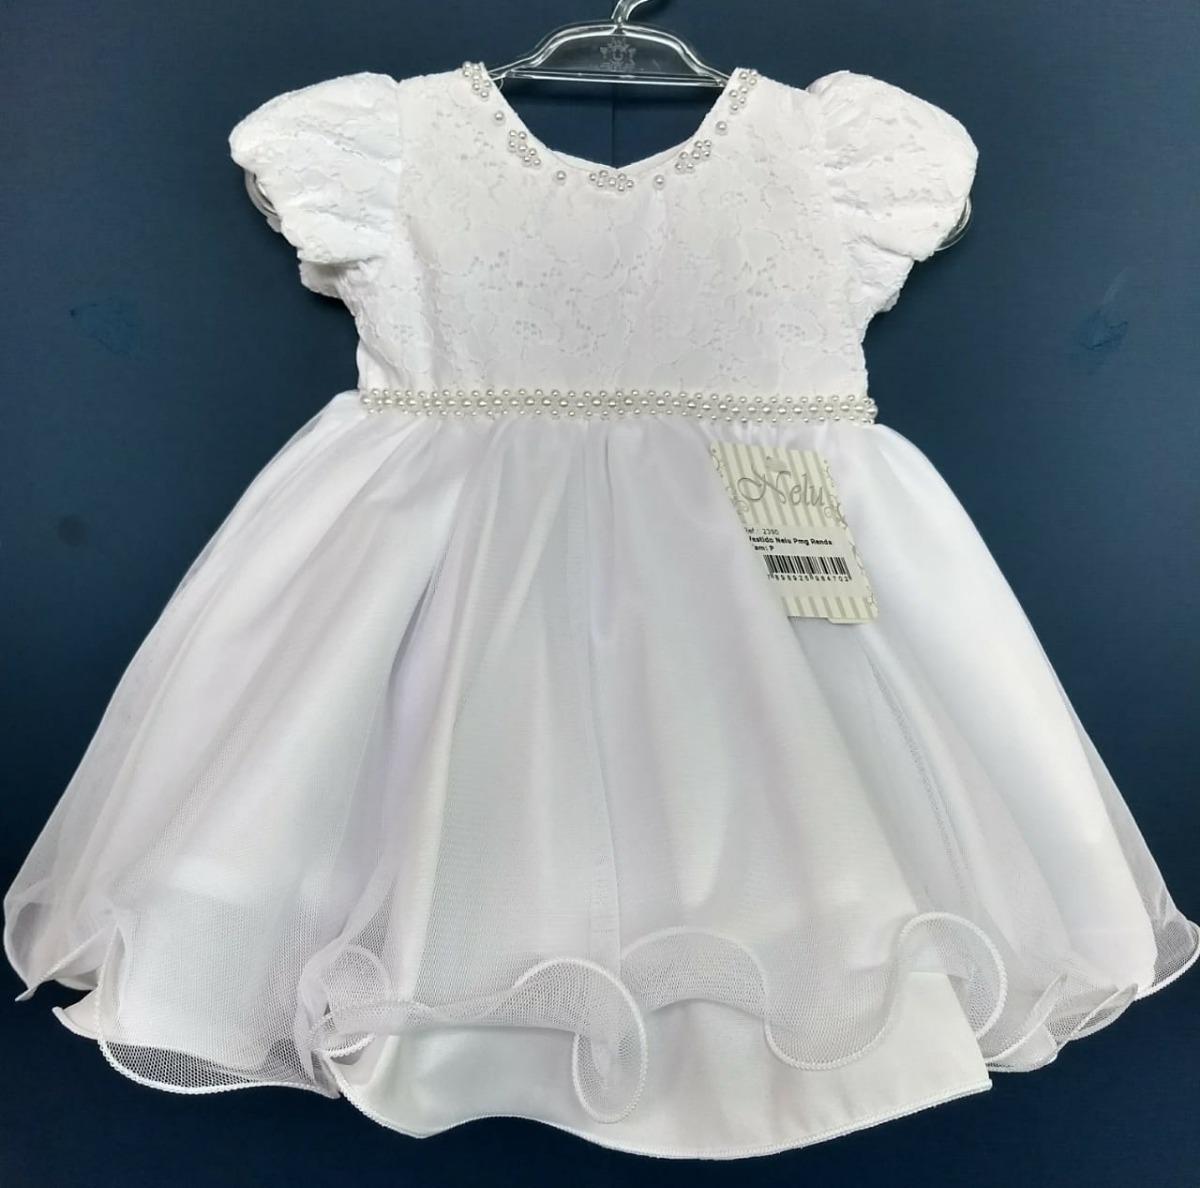 9e48feff3b vestido bebê batizado  festa  renda branca c  tiara-promoção. Carregando  zoom.